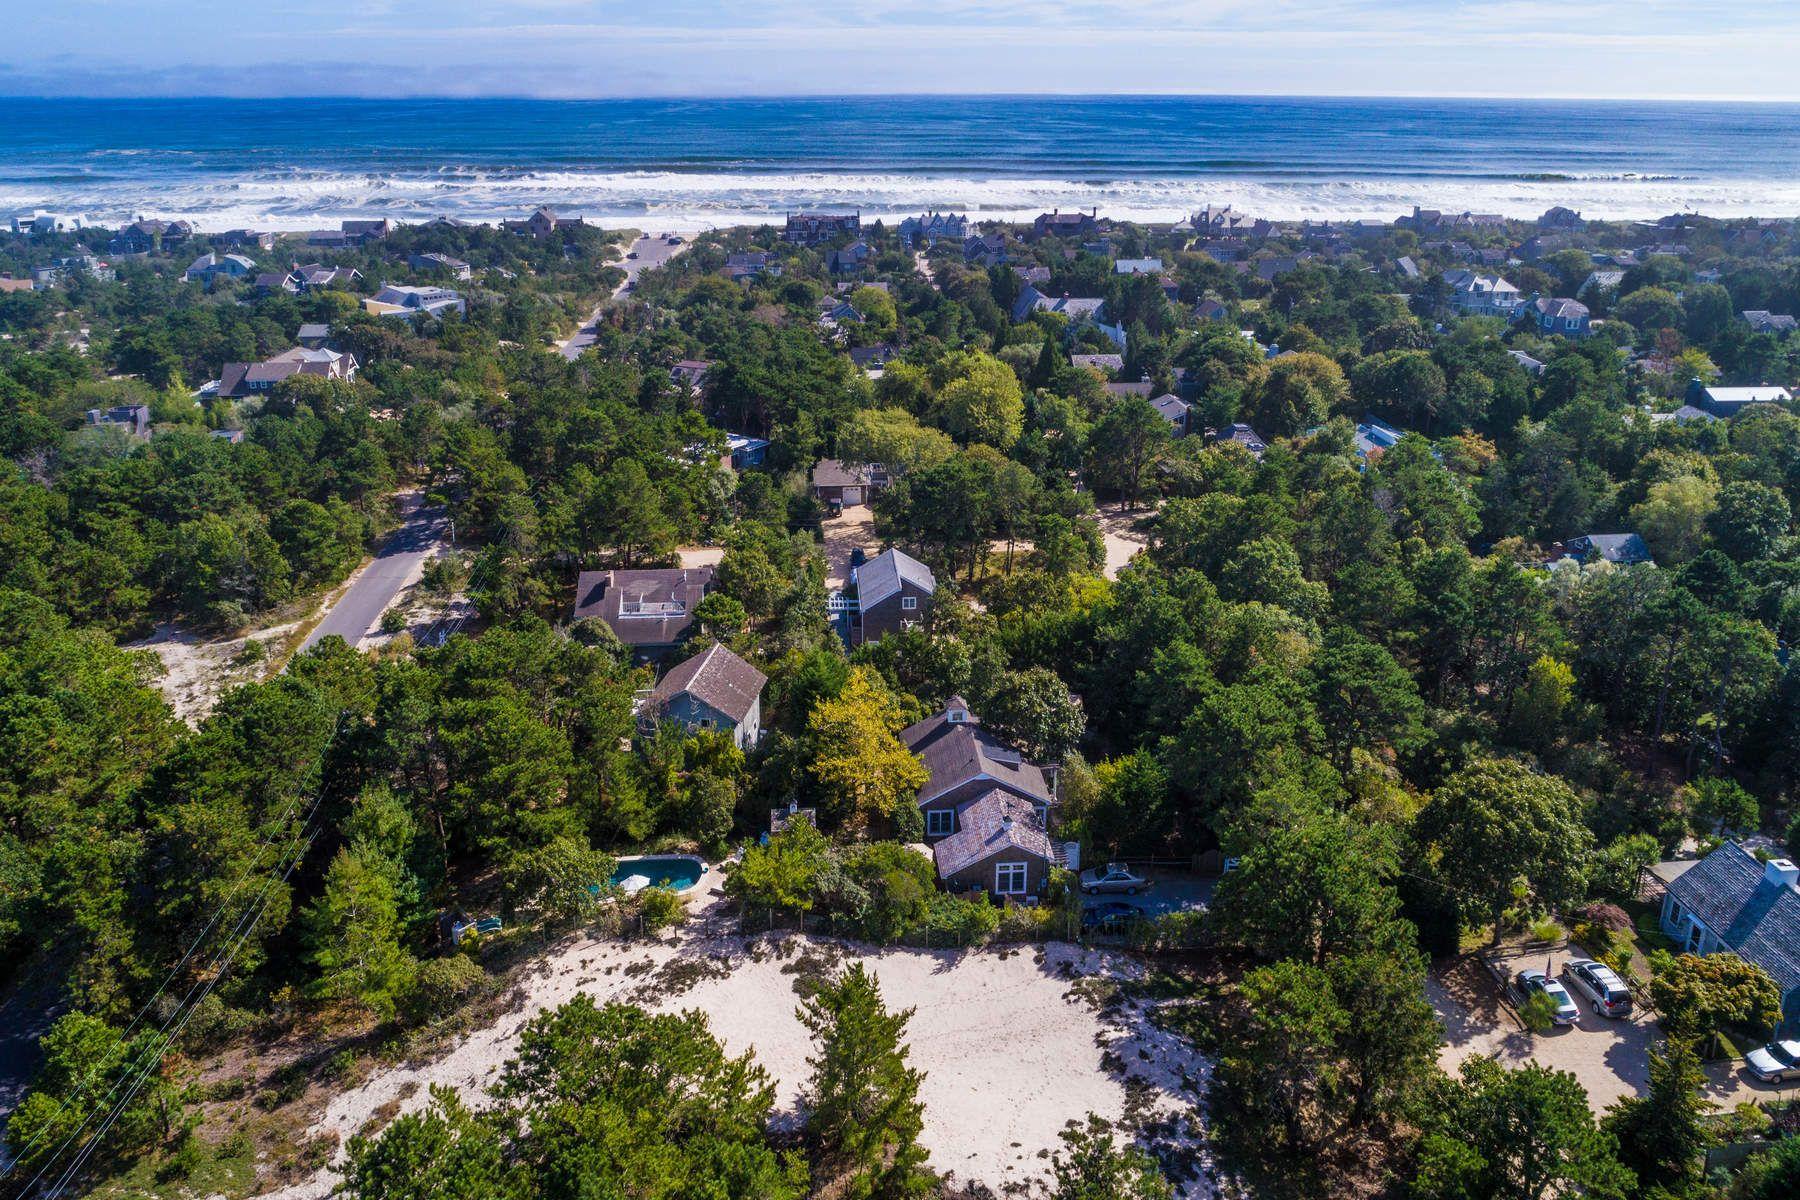 Single Family Home for Rent at Amagansett Dunes Beach House 41 Hampton Lane Amagansett, New York 11930 United States